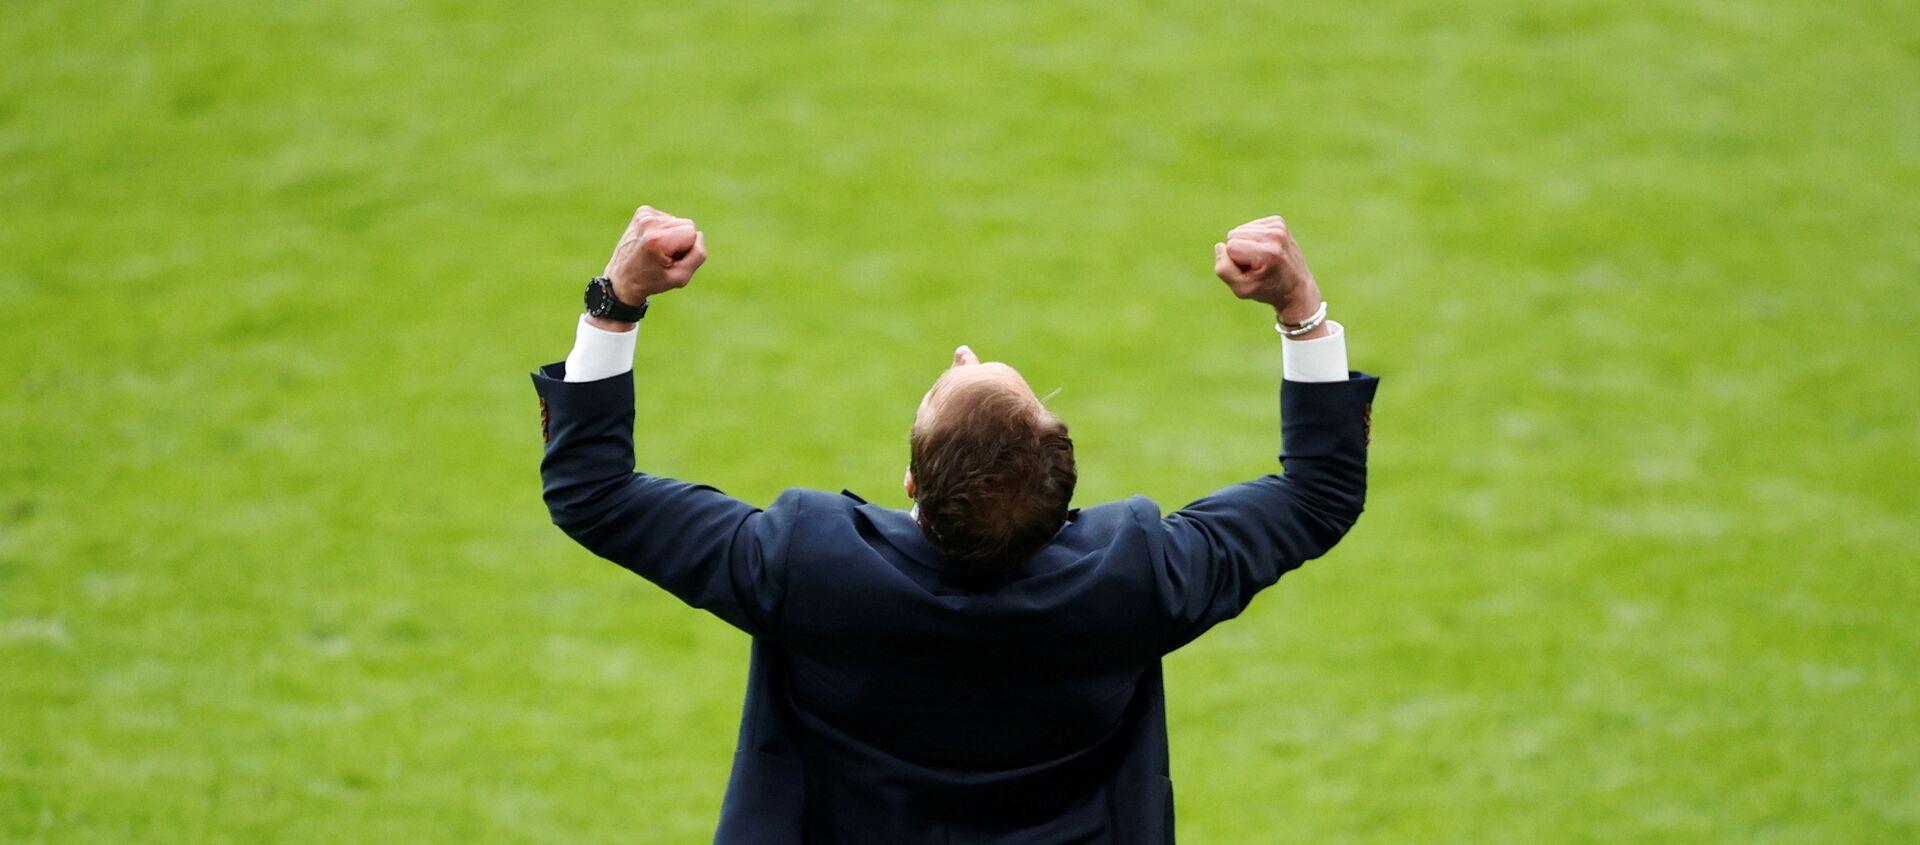 Trận đấu thuộc vòng 16 Euro 2020 - Huấn luyện viên đội tuyển Anh Gareth Southgate ăn mừng chiến thắng của đội tuyển trước Đức tại sân vận động Wembley ở London, Anh ngày 29 tháng 6 năm 2021 - Sputnik Việt Nam, 1920, 02.07.2021